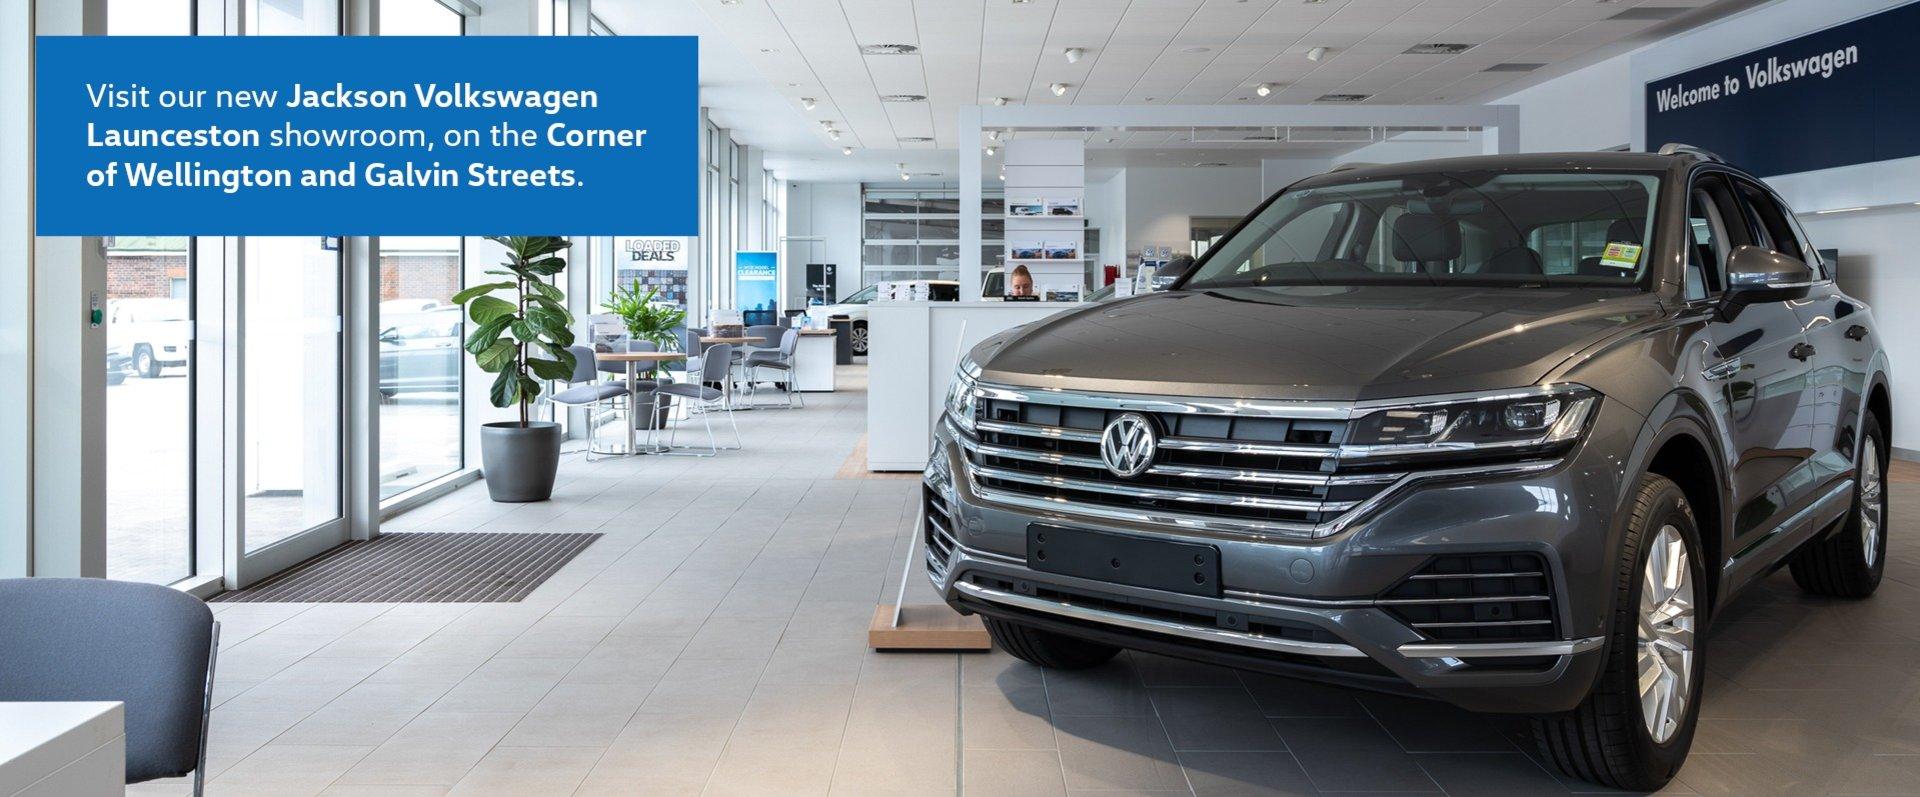 Jackson Volkswagen Launceston's new showroom and dedicated Service Centre is open